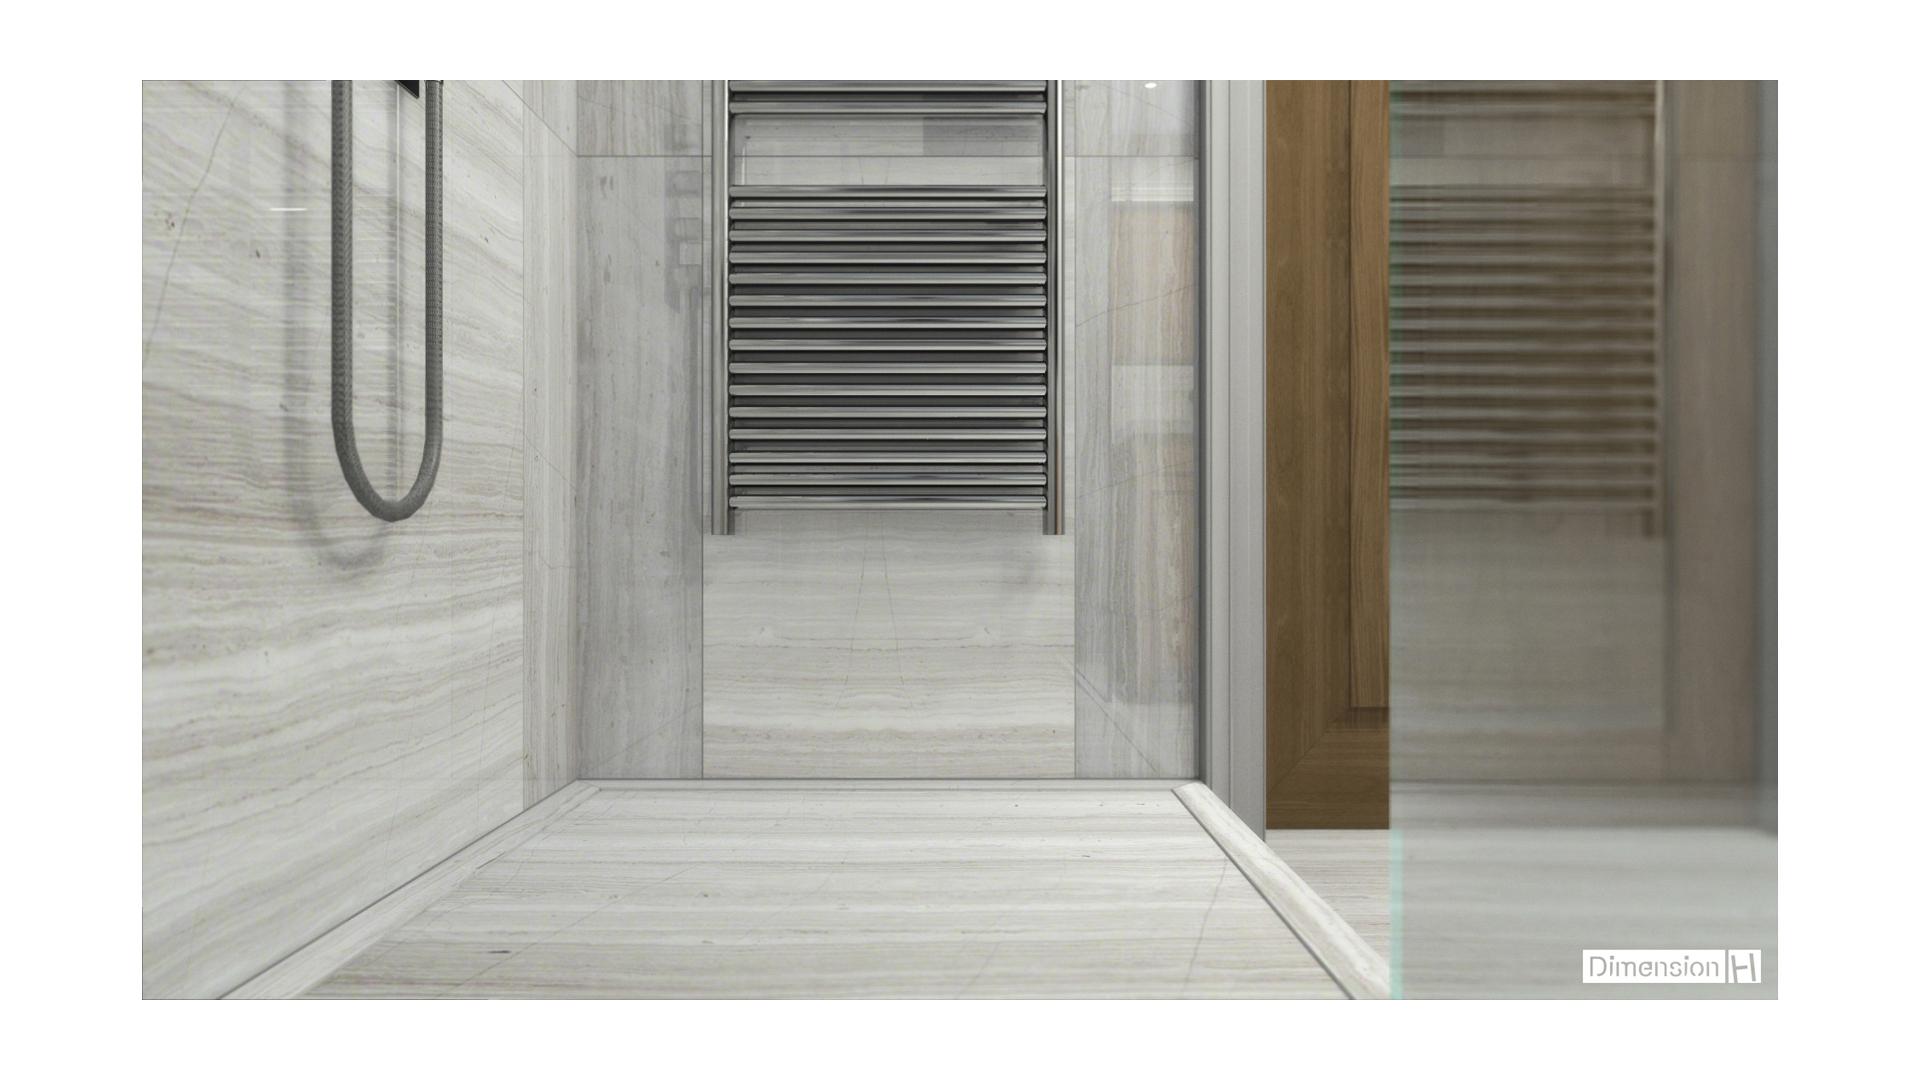 Whitewood marble bathroom